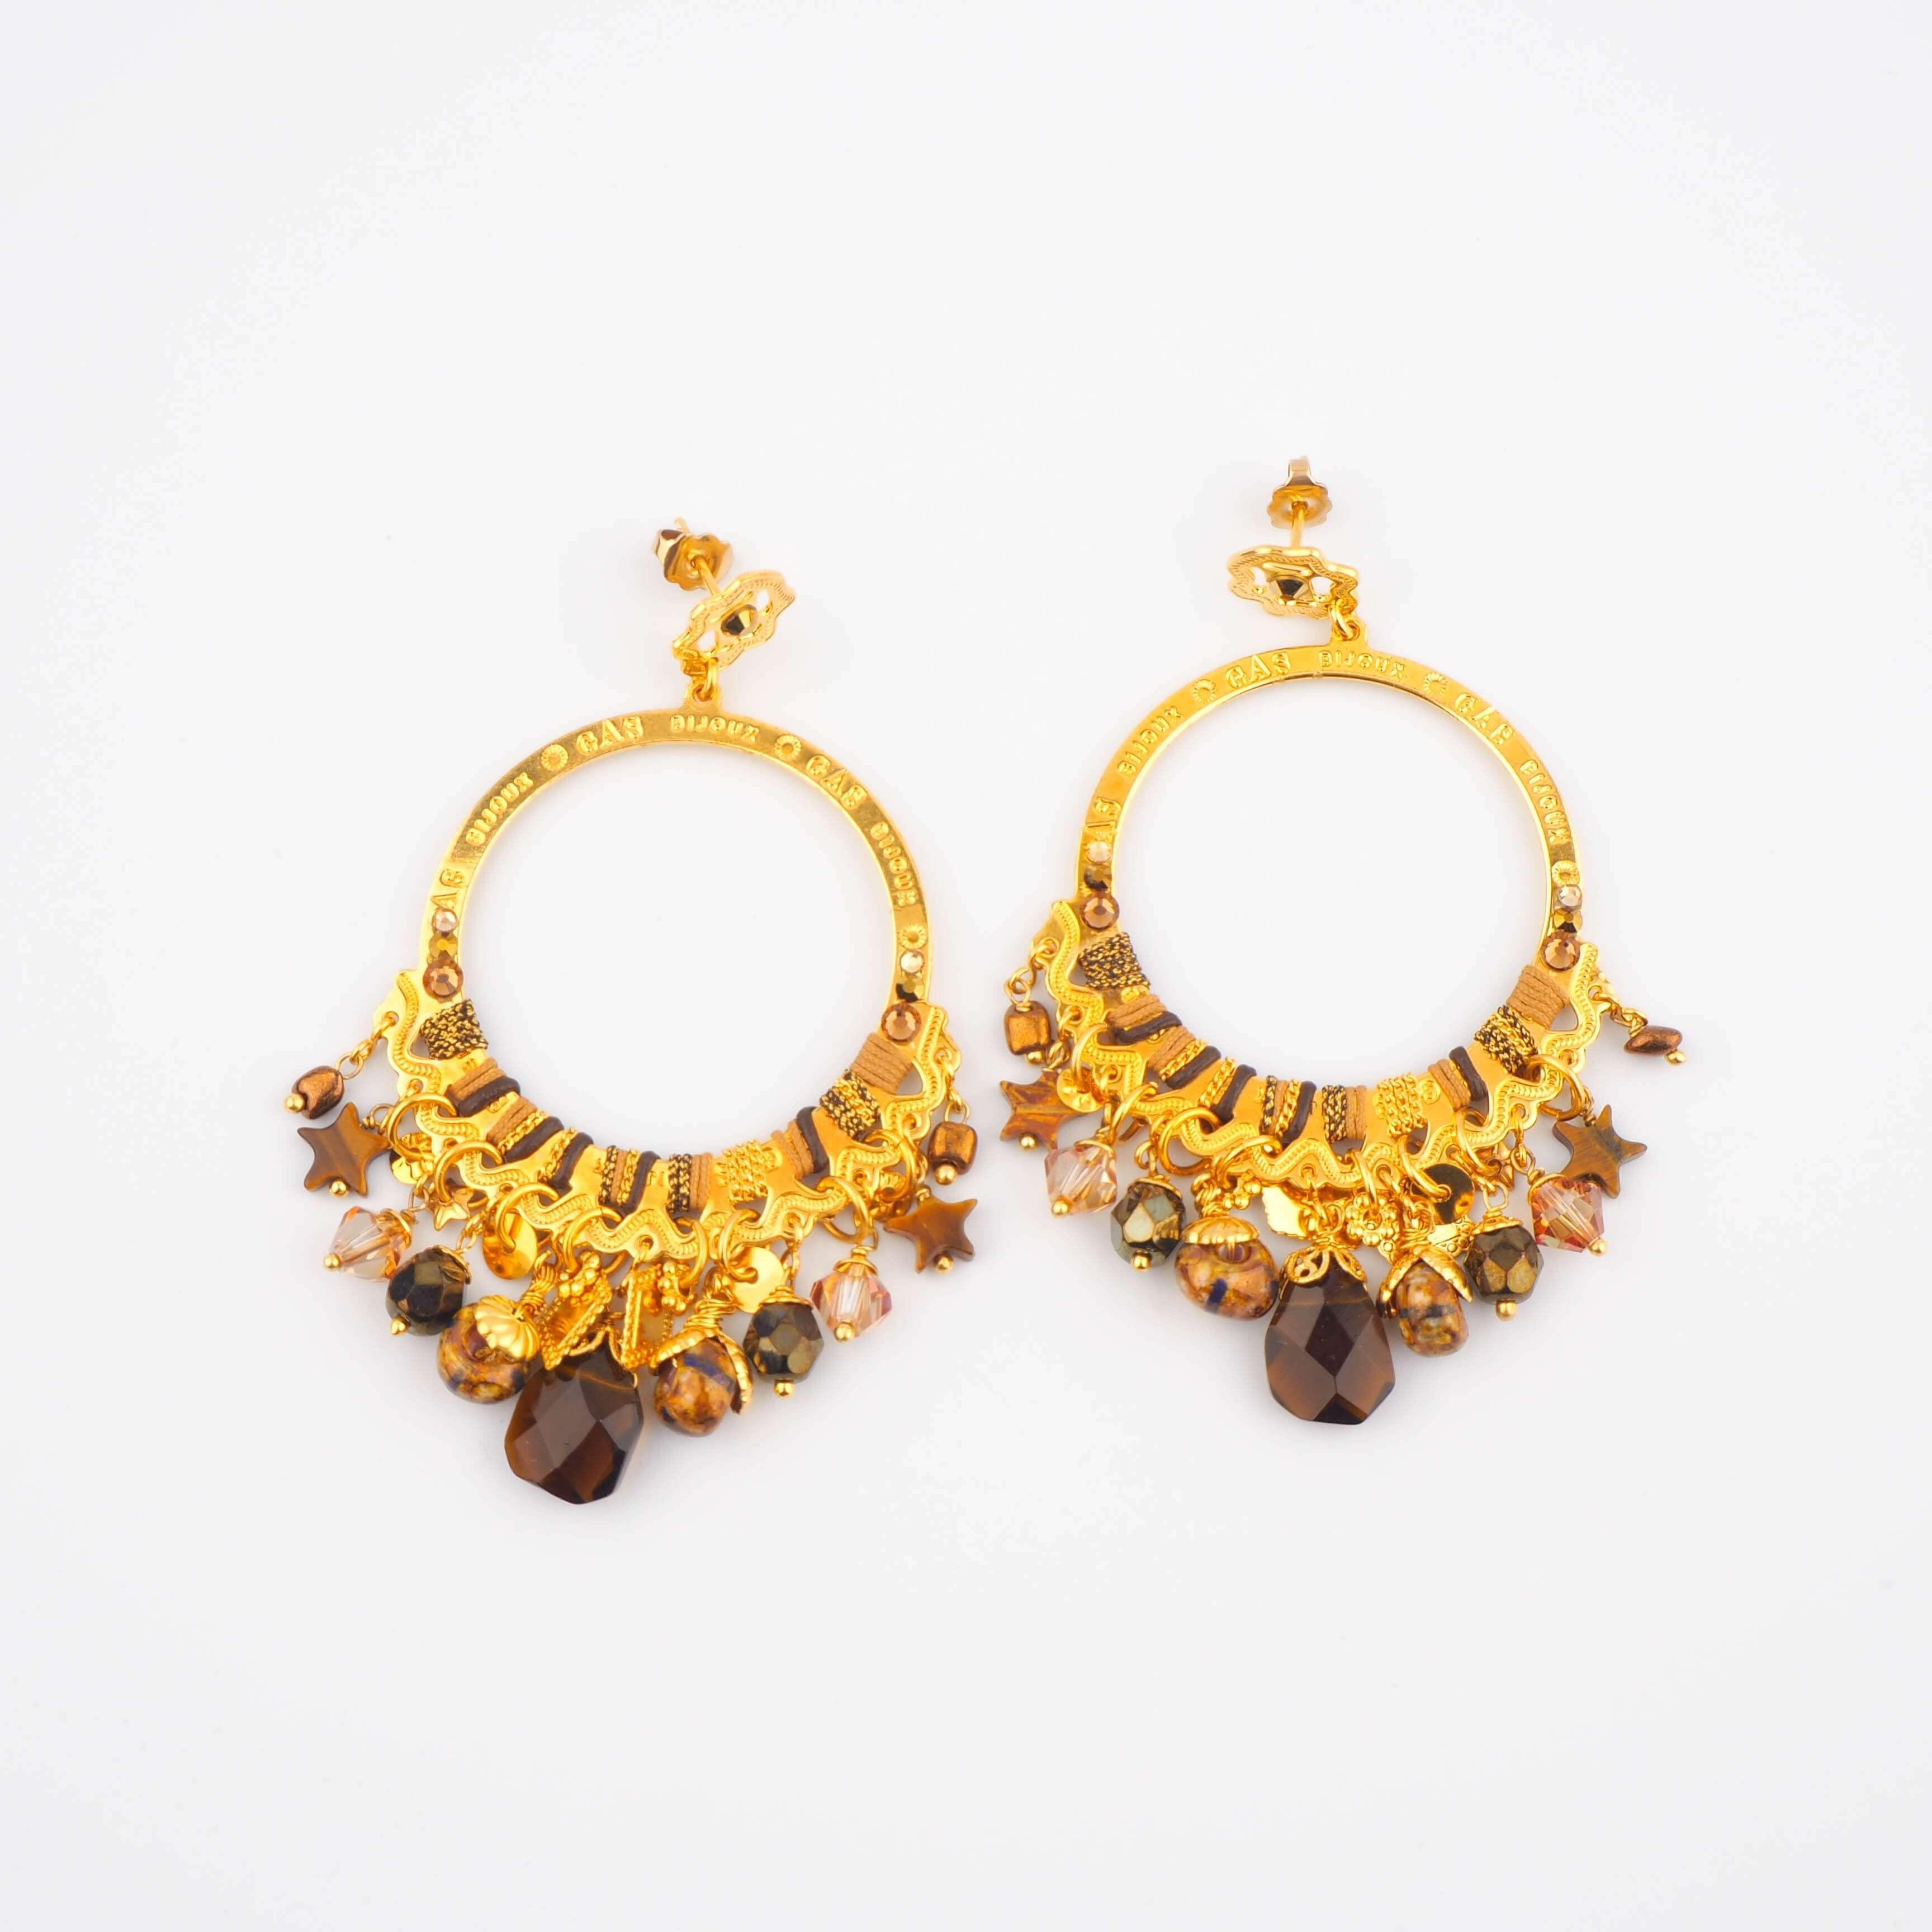 Boucles d'oreilles Cécile PM - Gas bijoux